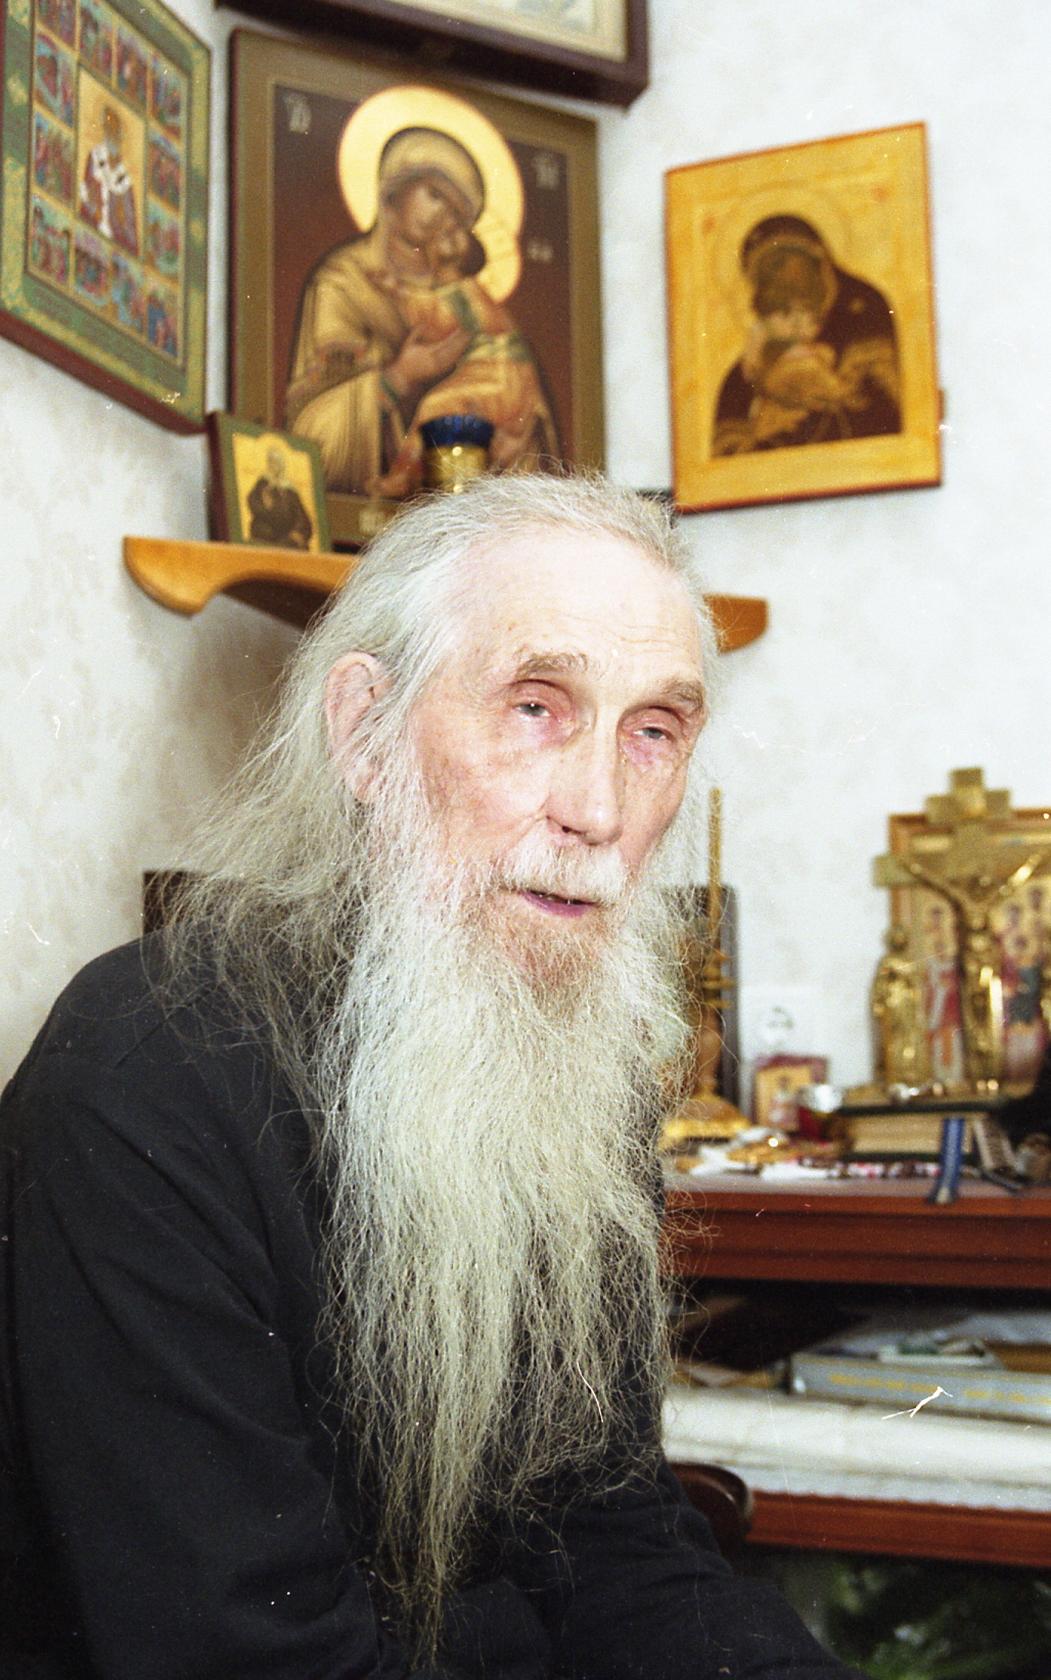 Книга старец архимандрит кирилл павлов скачать